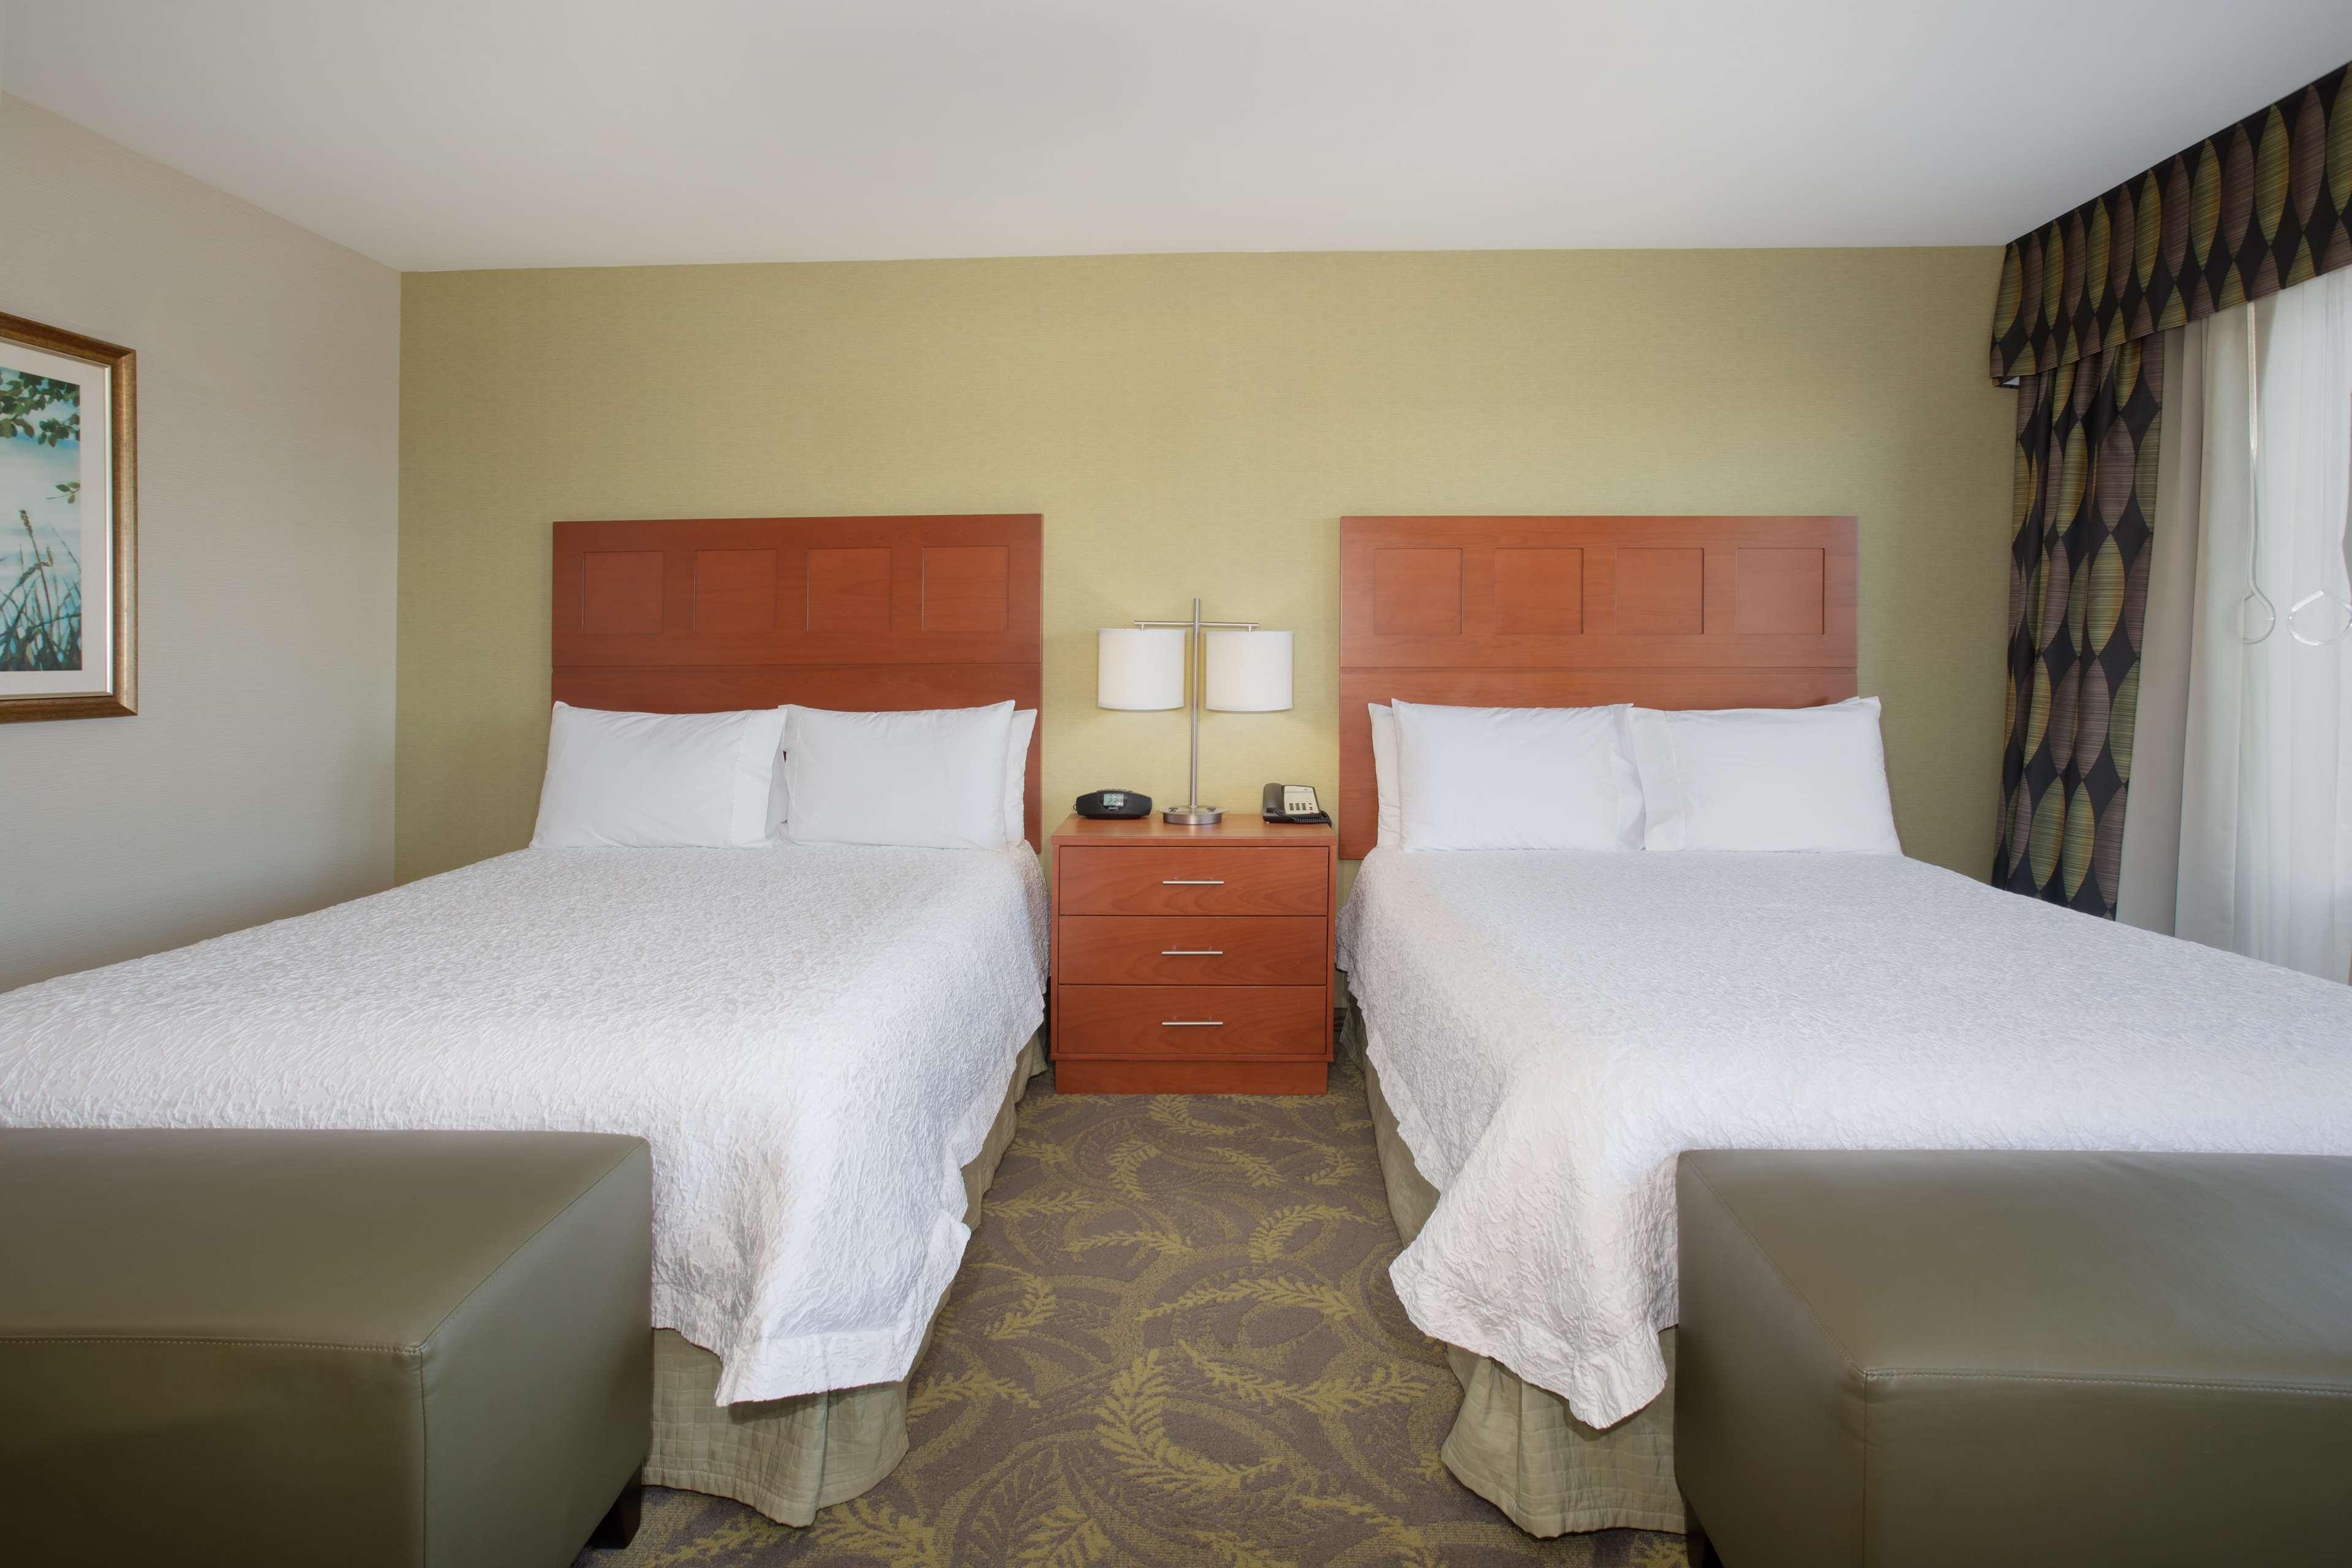 Hampton Inn & Suites Astoria image 18